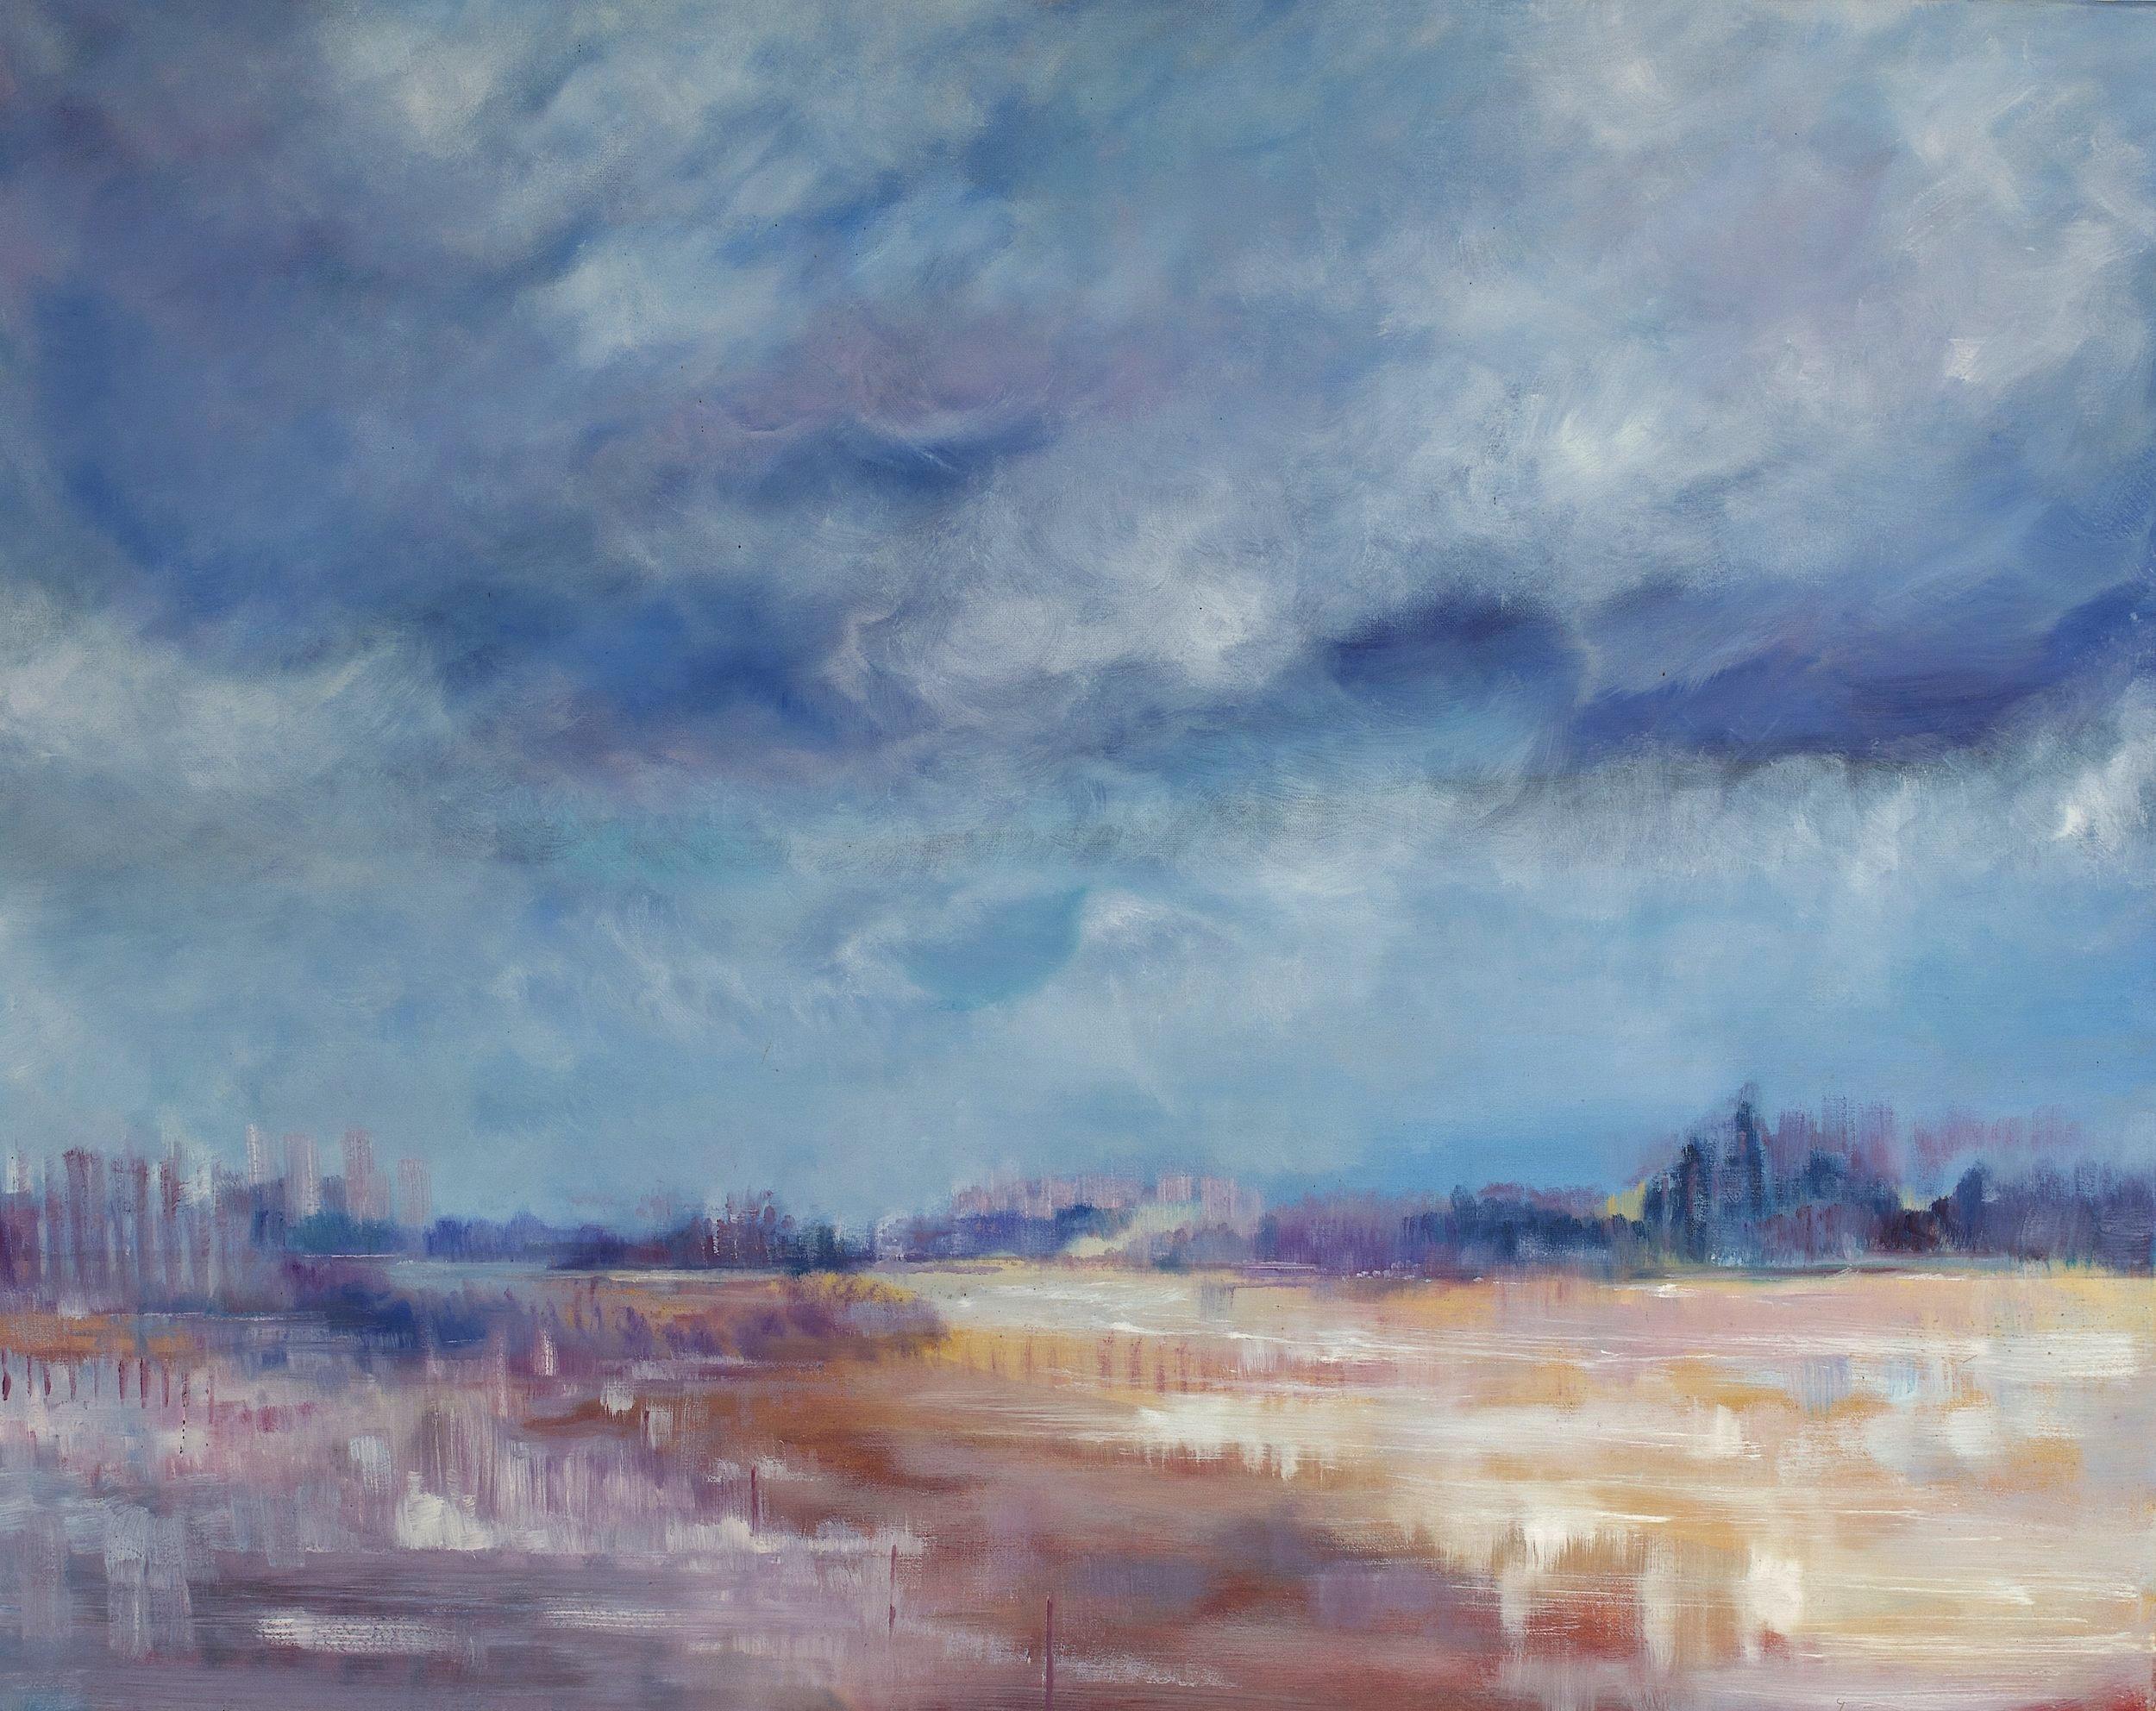 View toward the city - 100cm x 80cm, Oil on Canvas114cm x 94cm, Frame Size£1,800 (Framed)